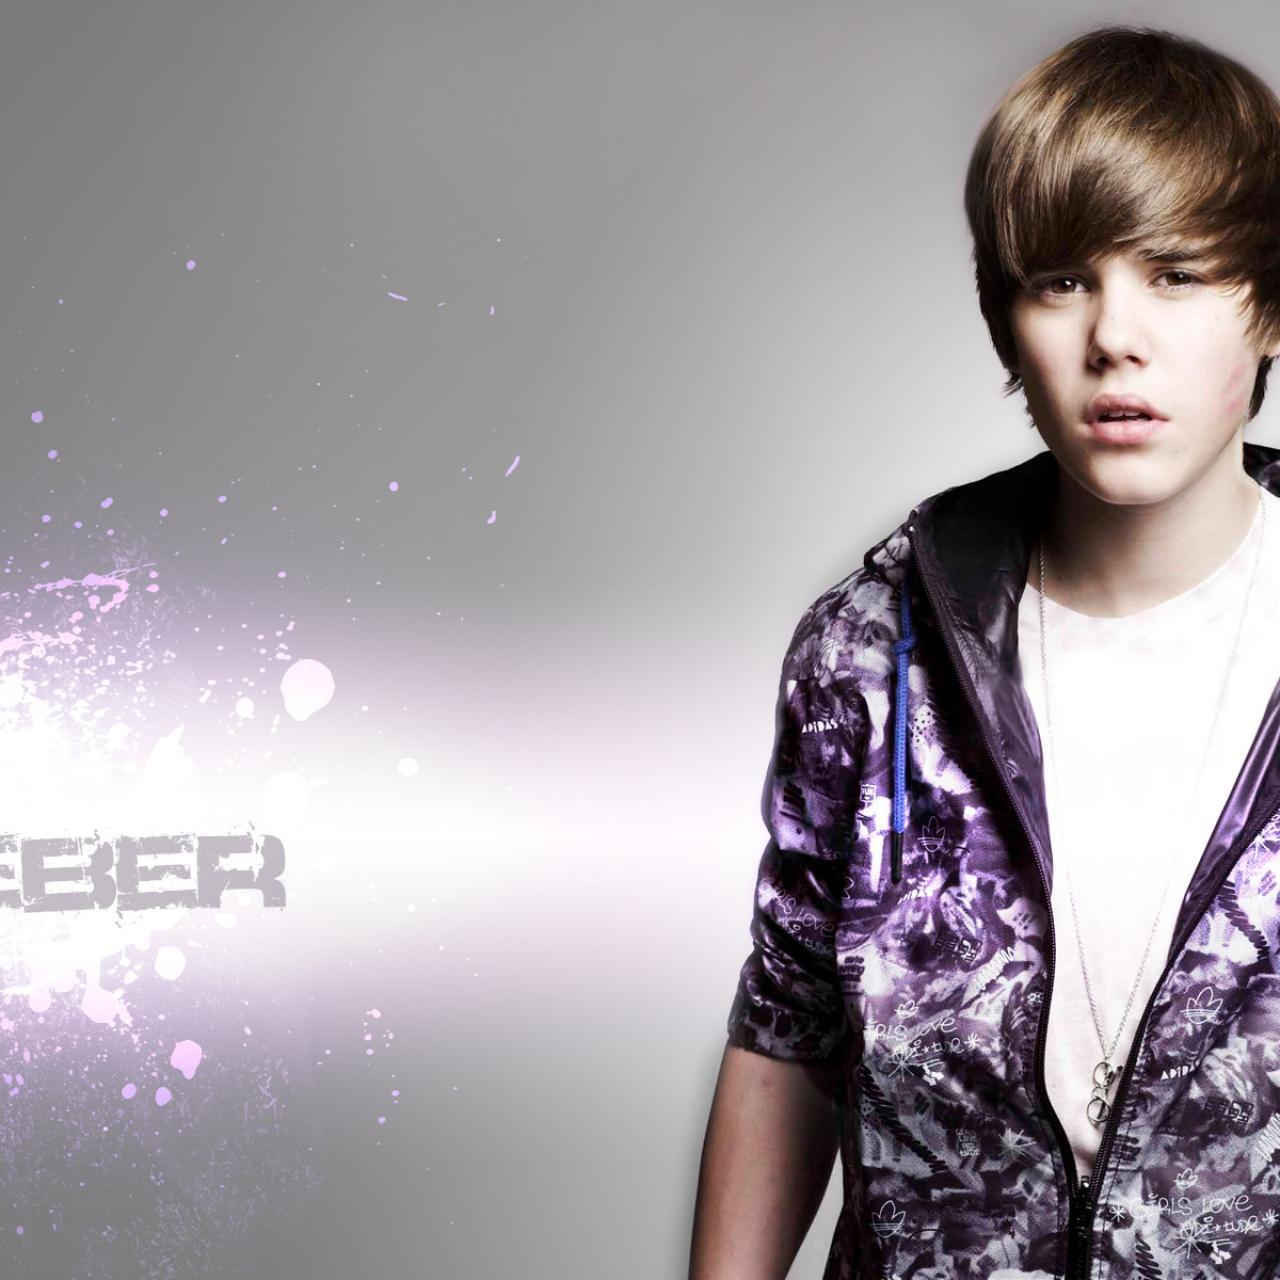 Rajat 3d Wallpaper Stars Hd Justin Bieber Hd Wallpapers